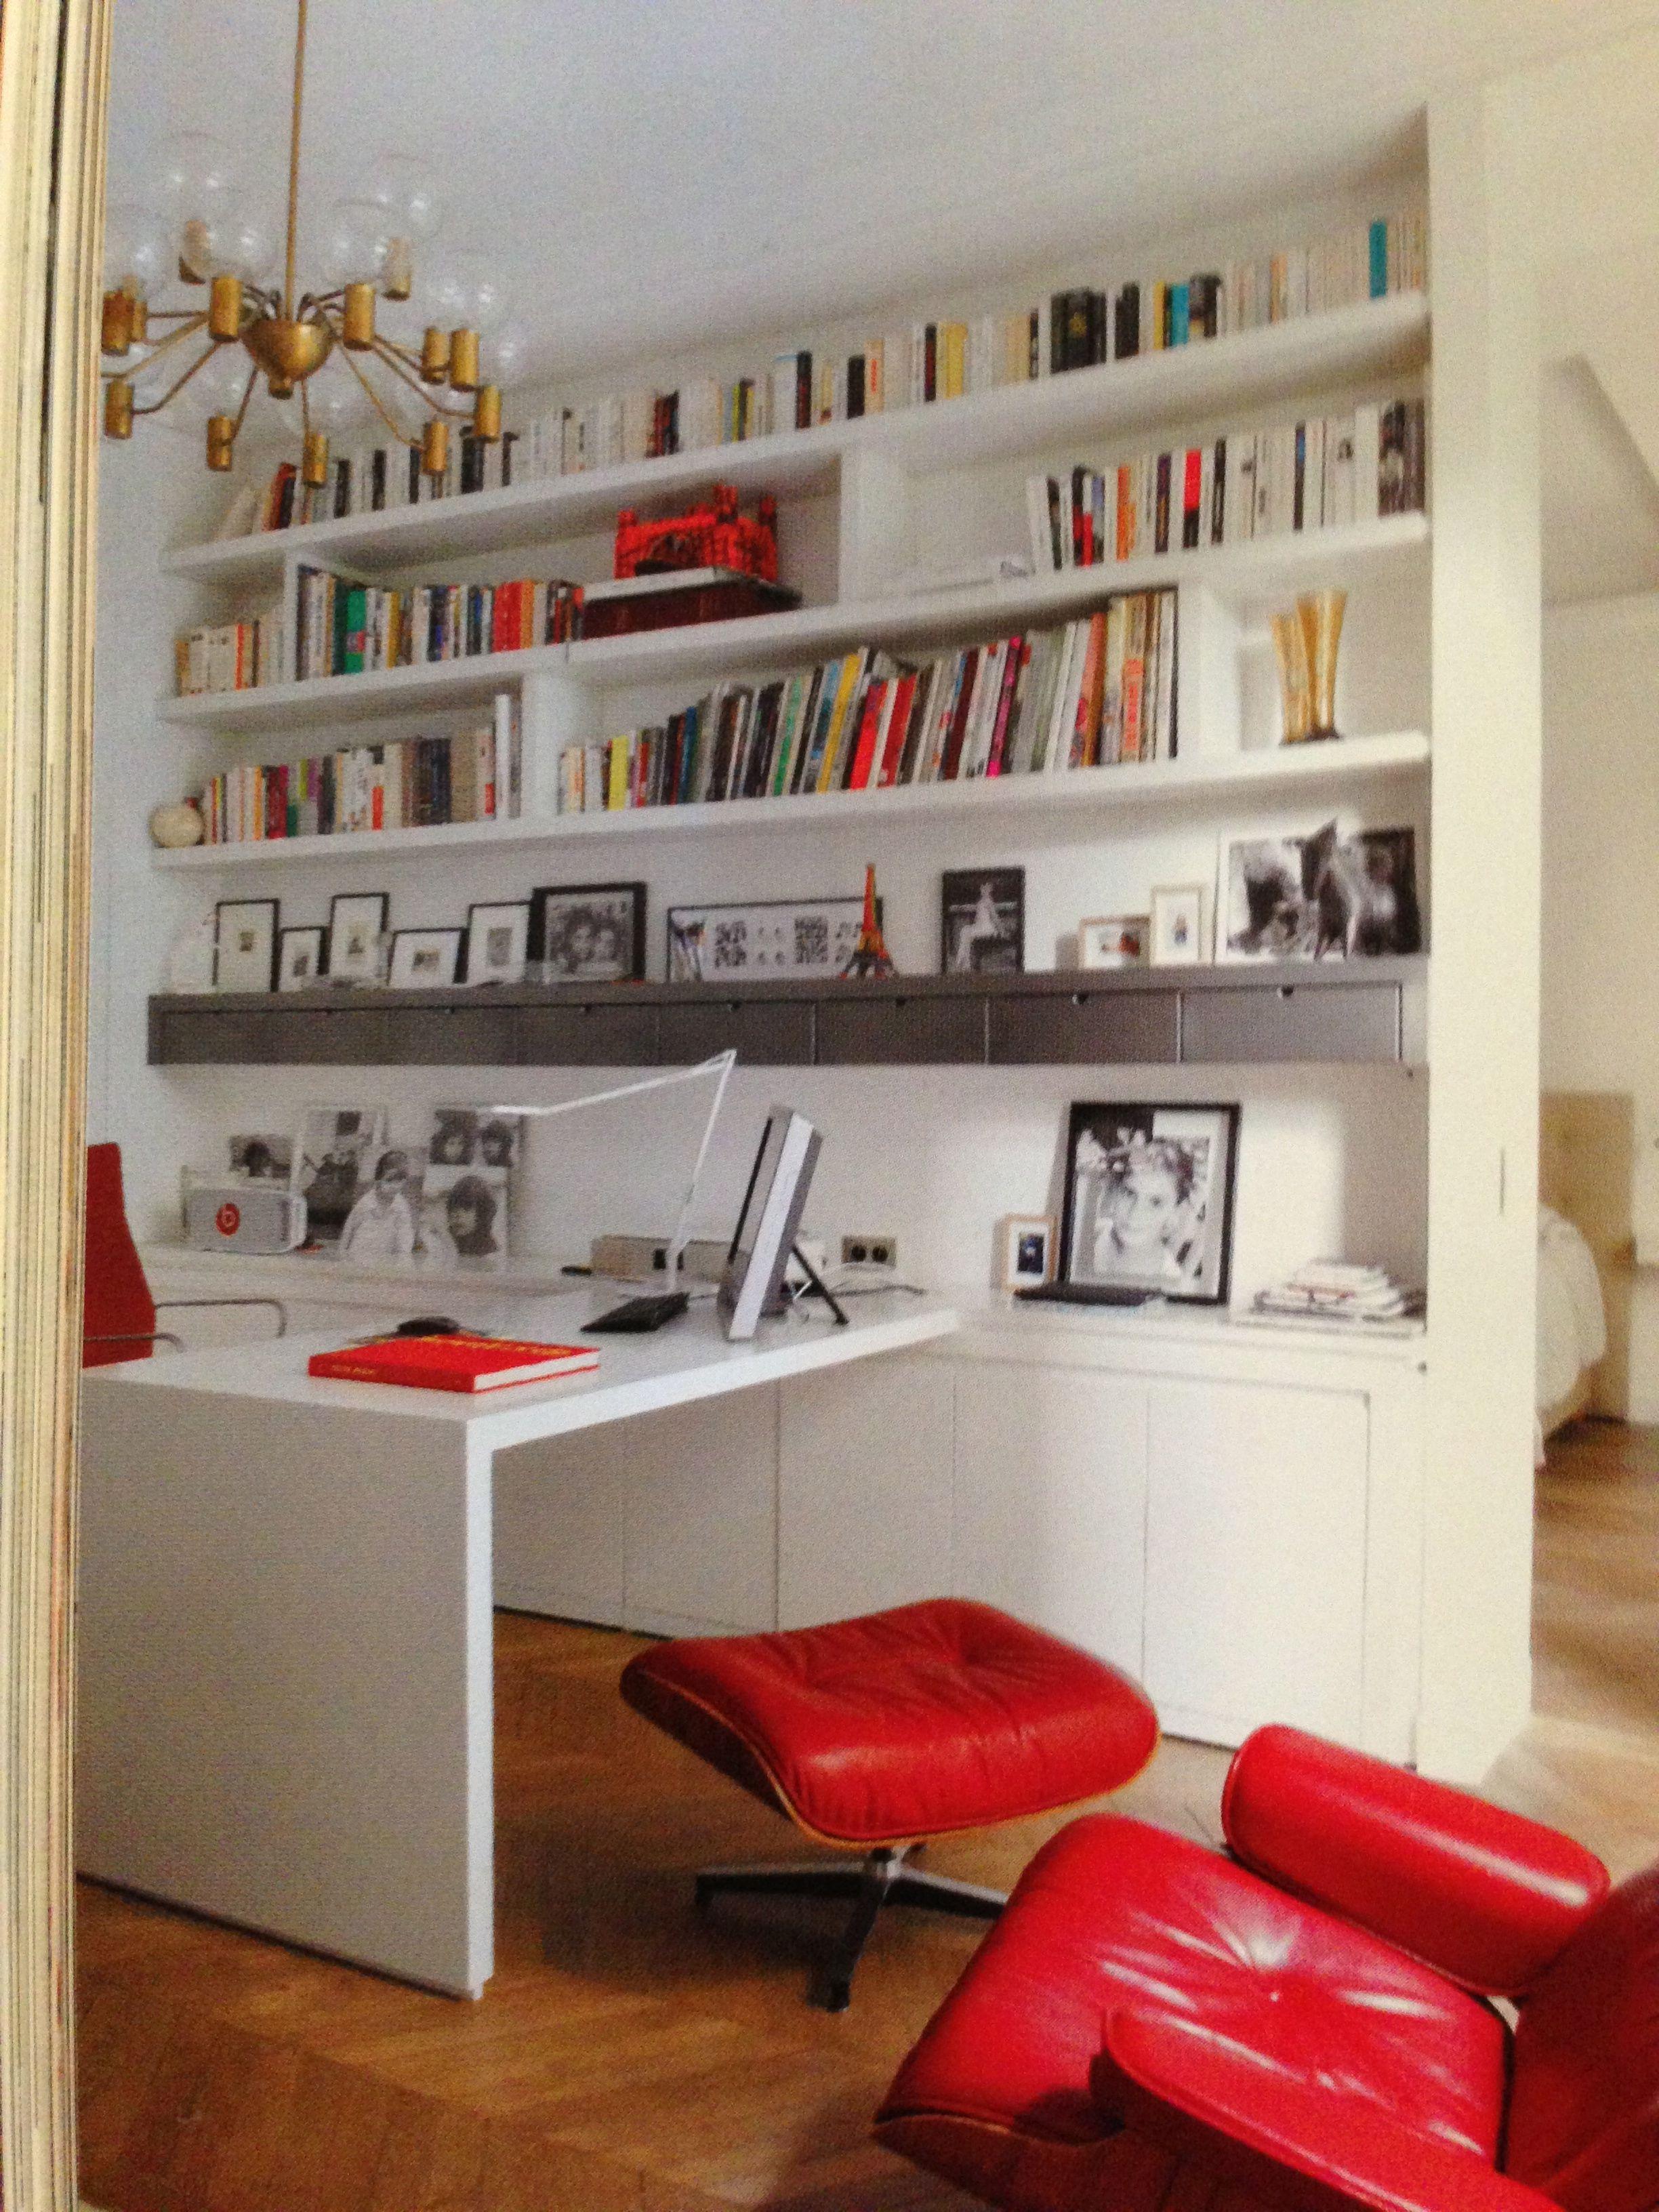 Appartement en rez de jardin une r novation r ussie paris x bureau home office design - Rez de jardin paris ...